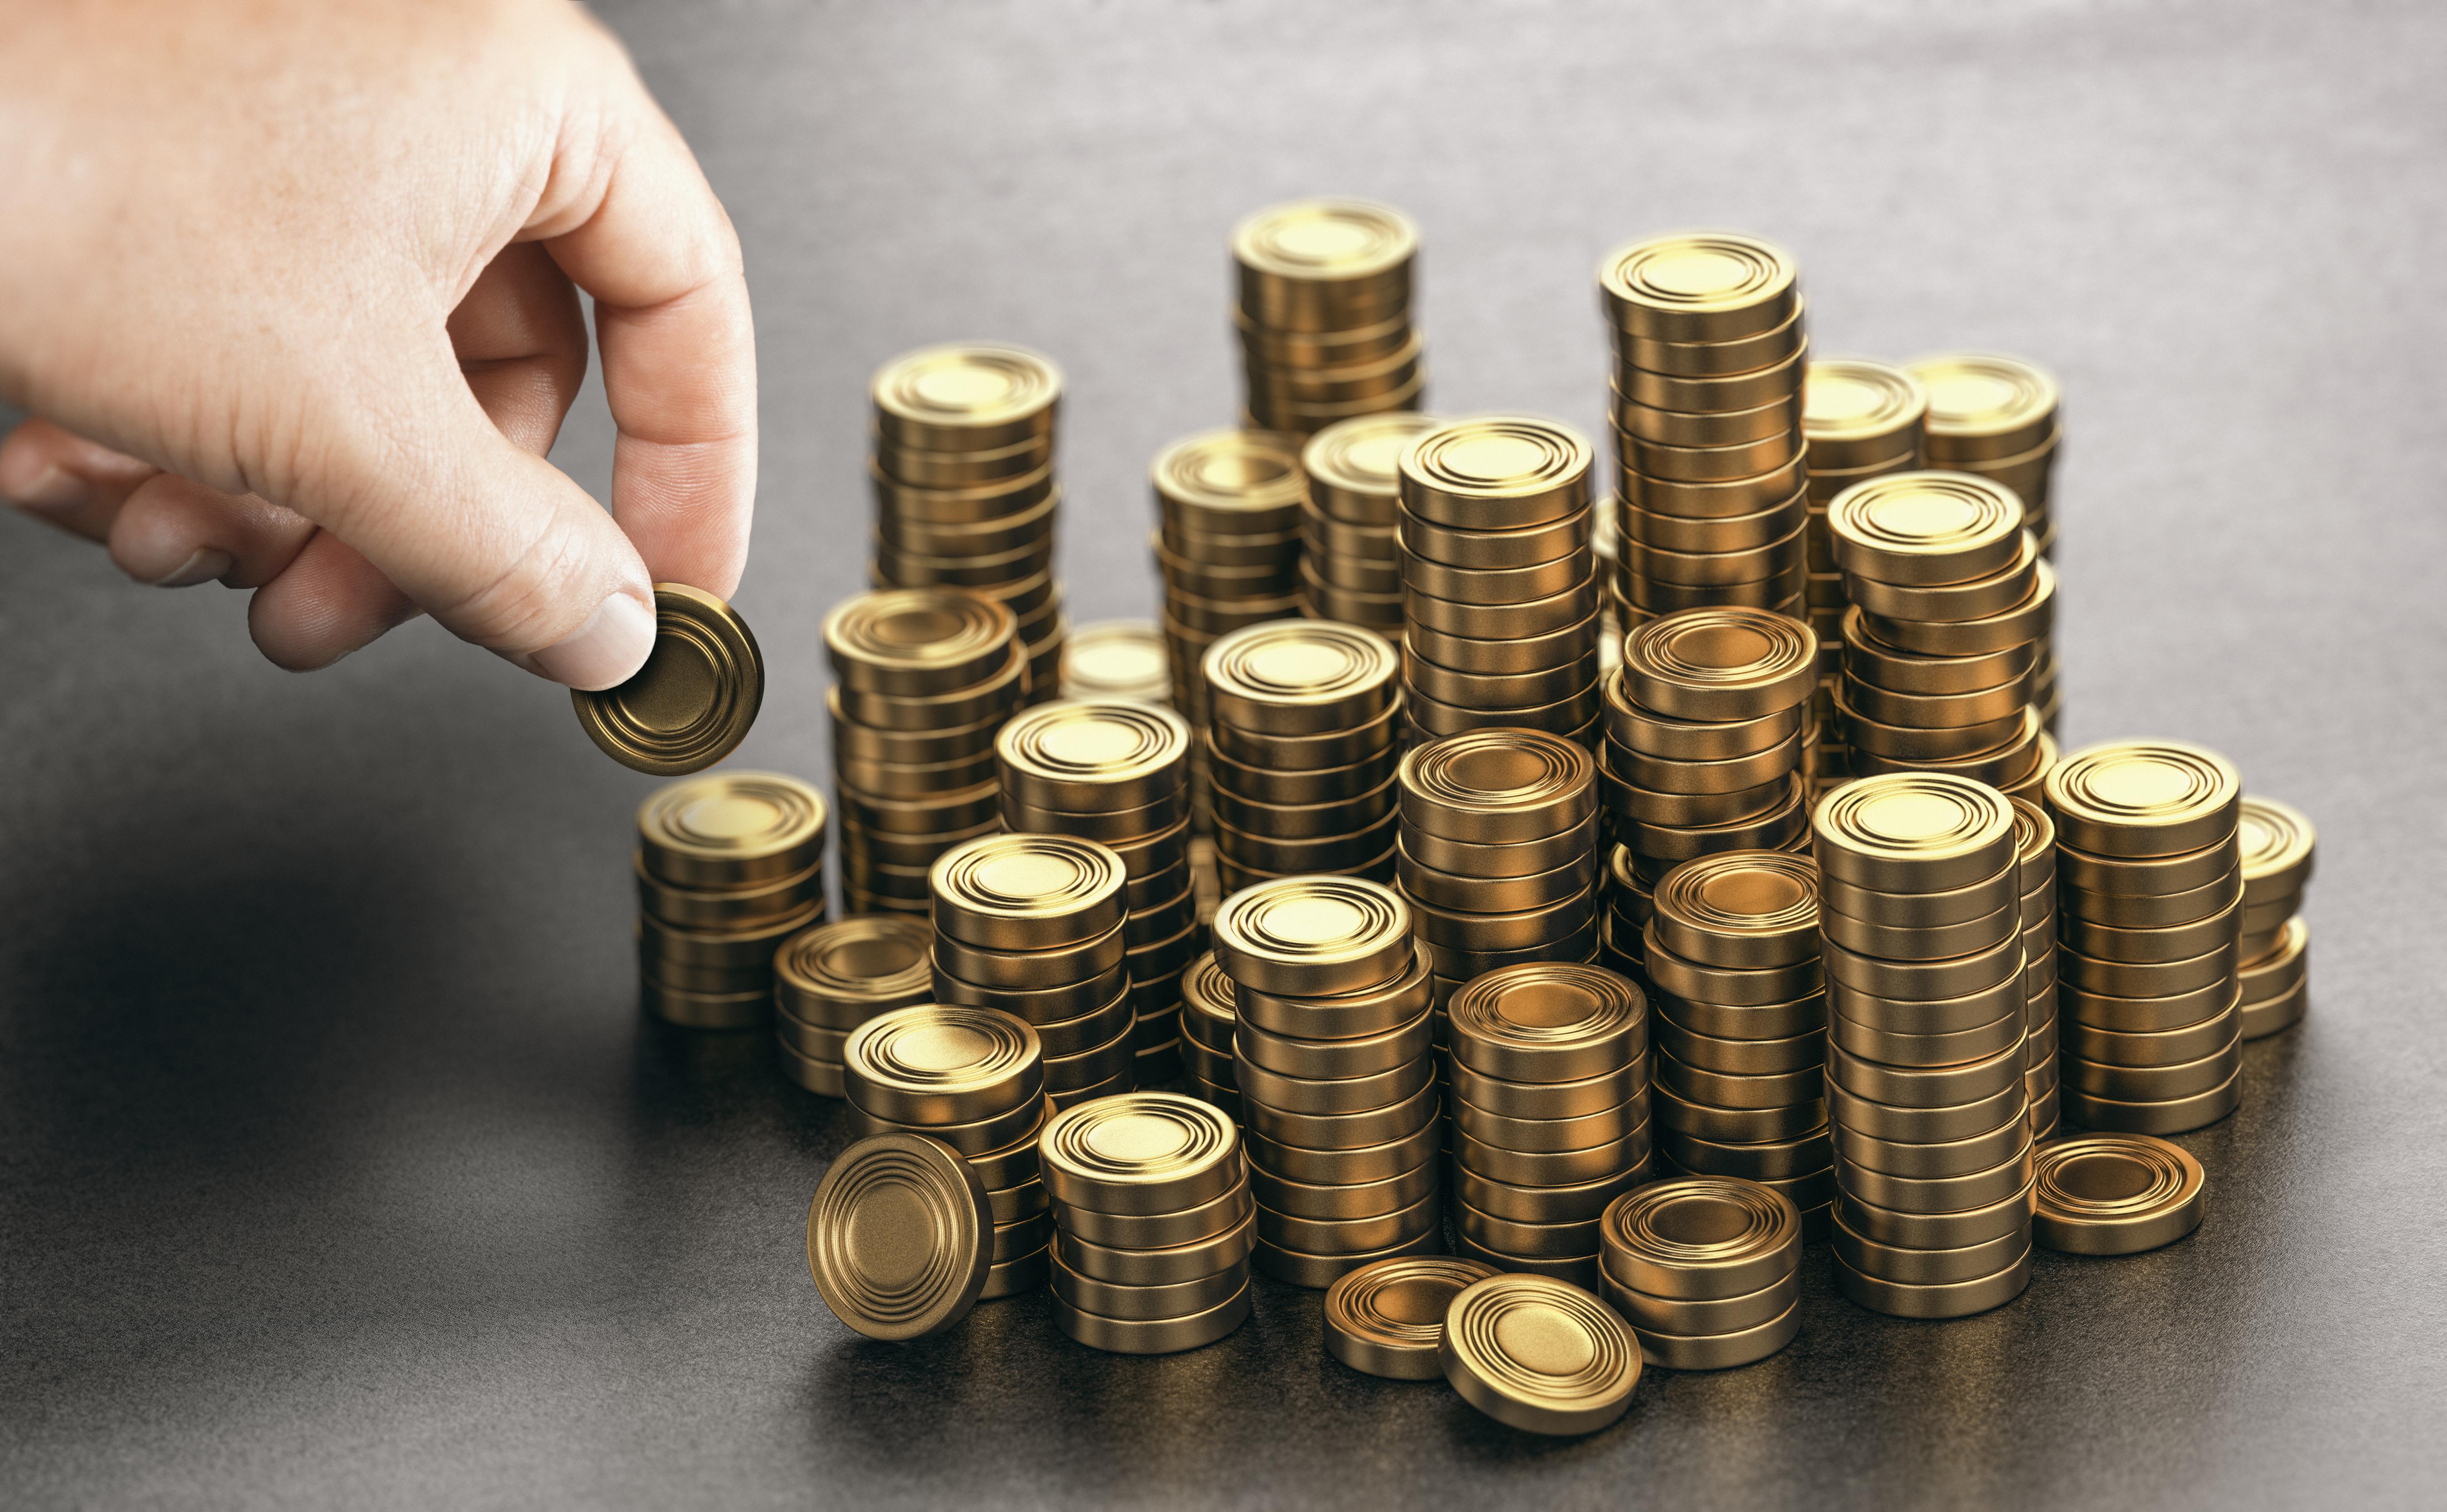 Монеты, как прототип инвестирования, чтобы получить ПМЖ в Латвии